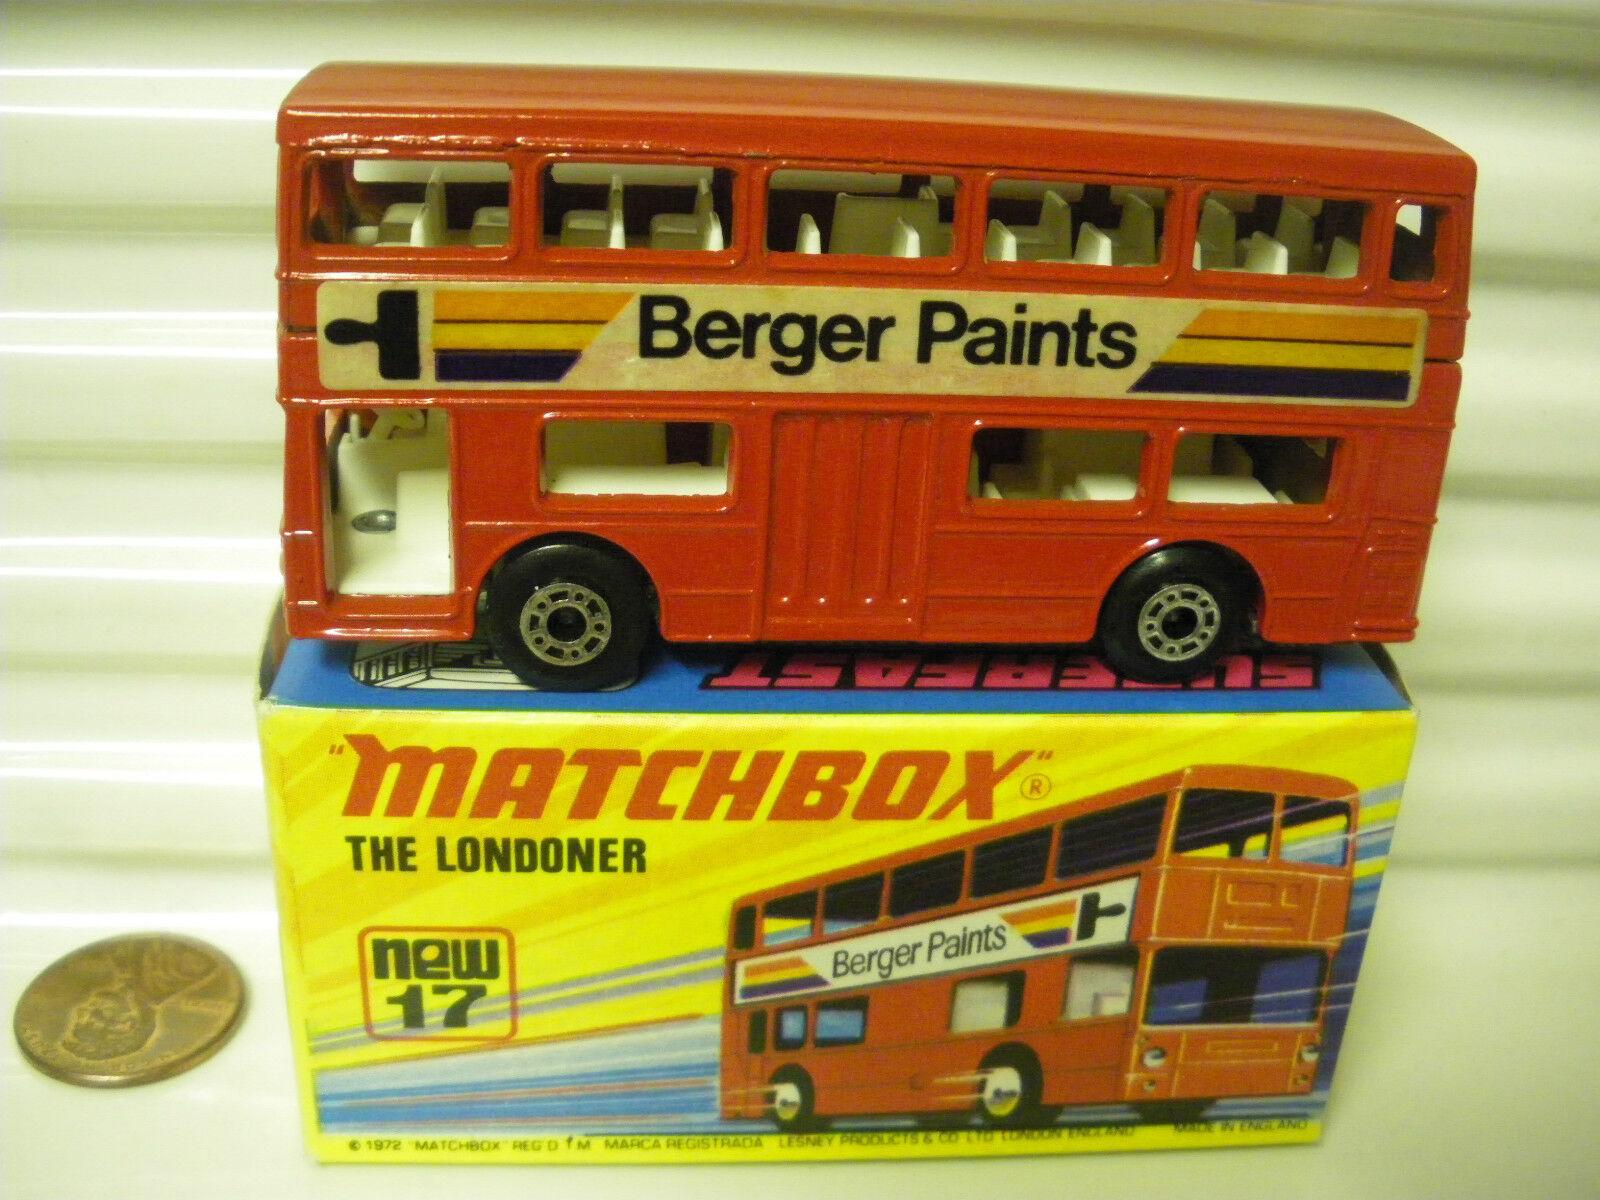 MATCHBOX MB17B BERGER PAINTS BUS UNPAINTED BASE DotDash Whls +AXLE Braces MIMB